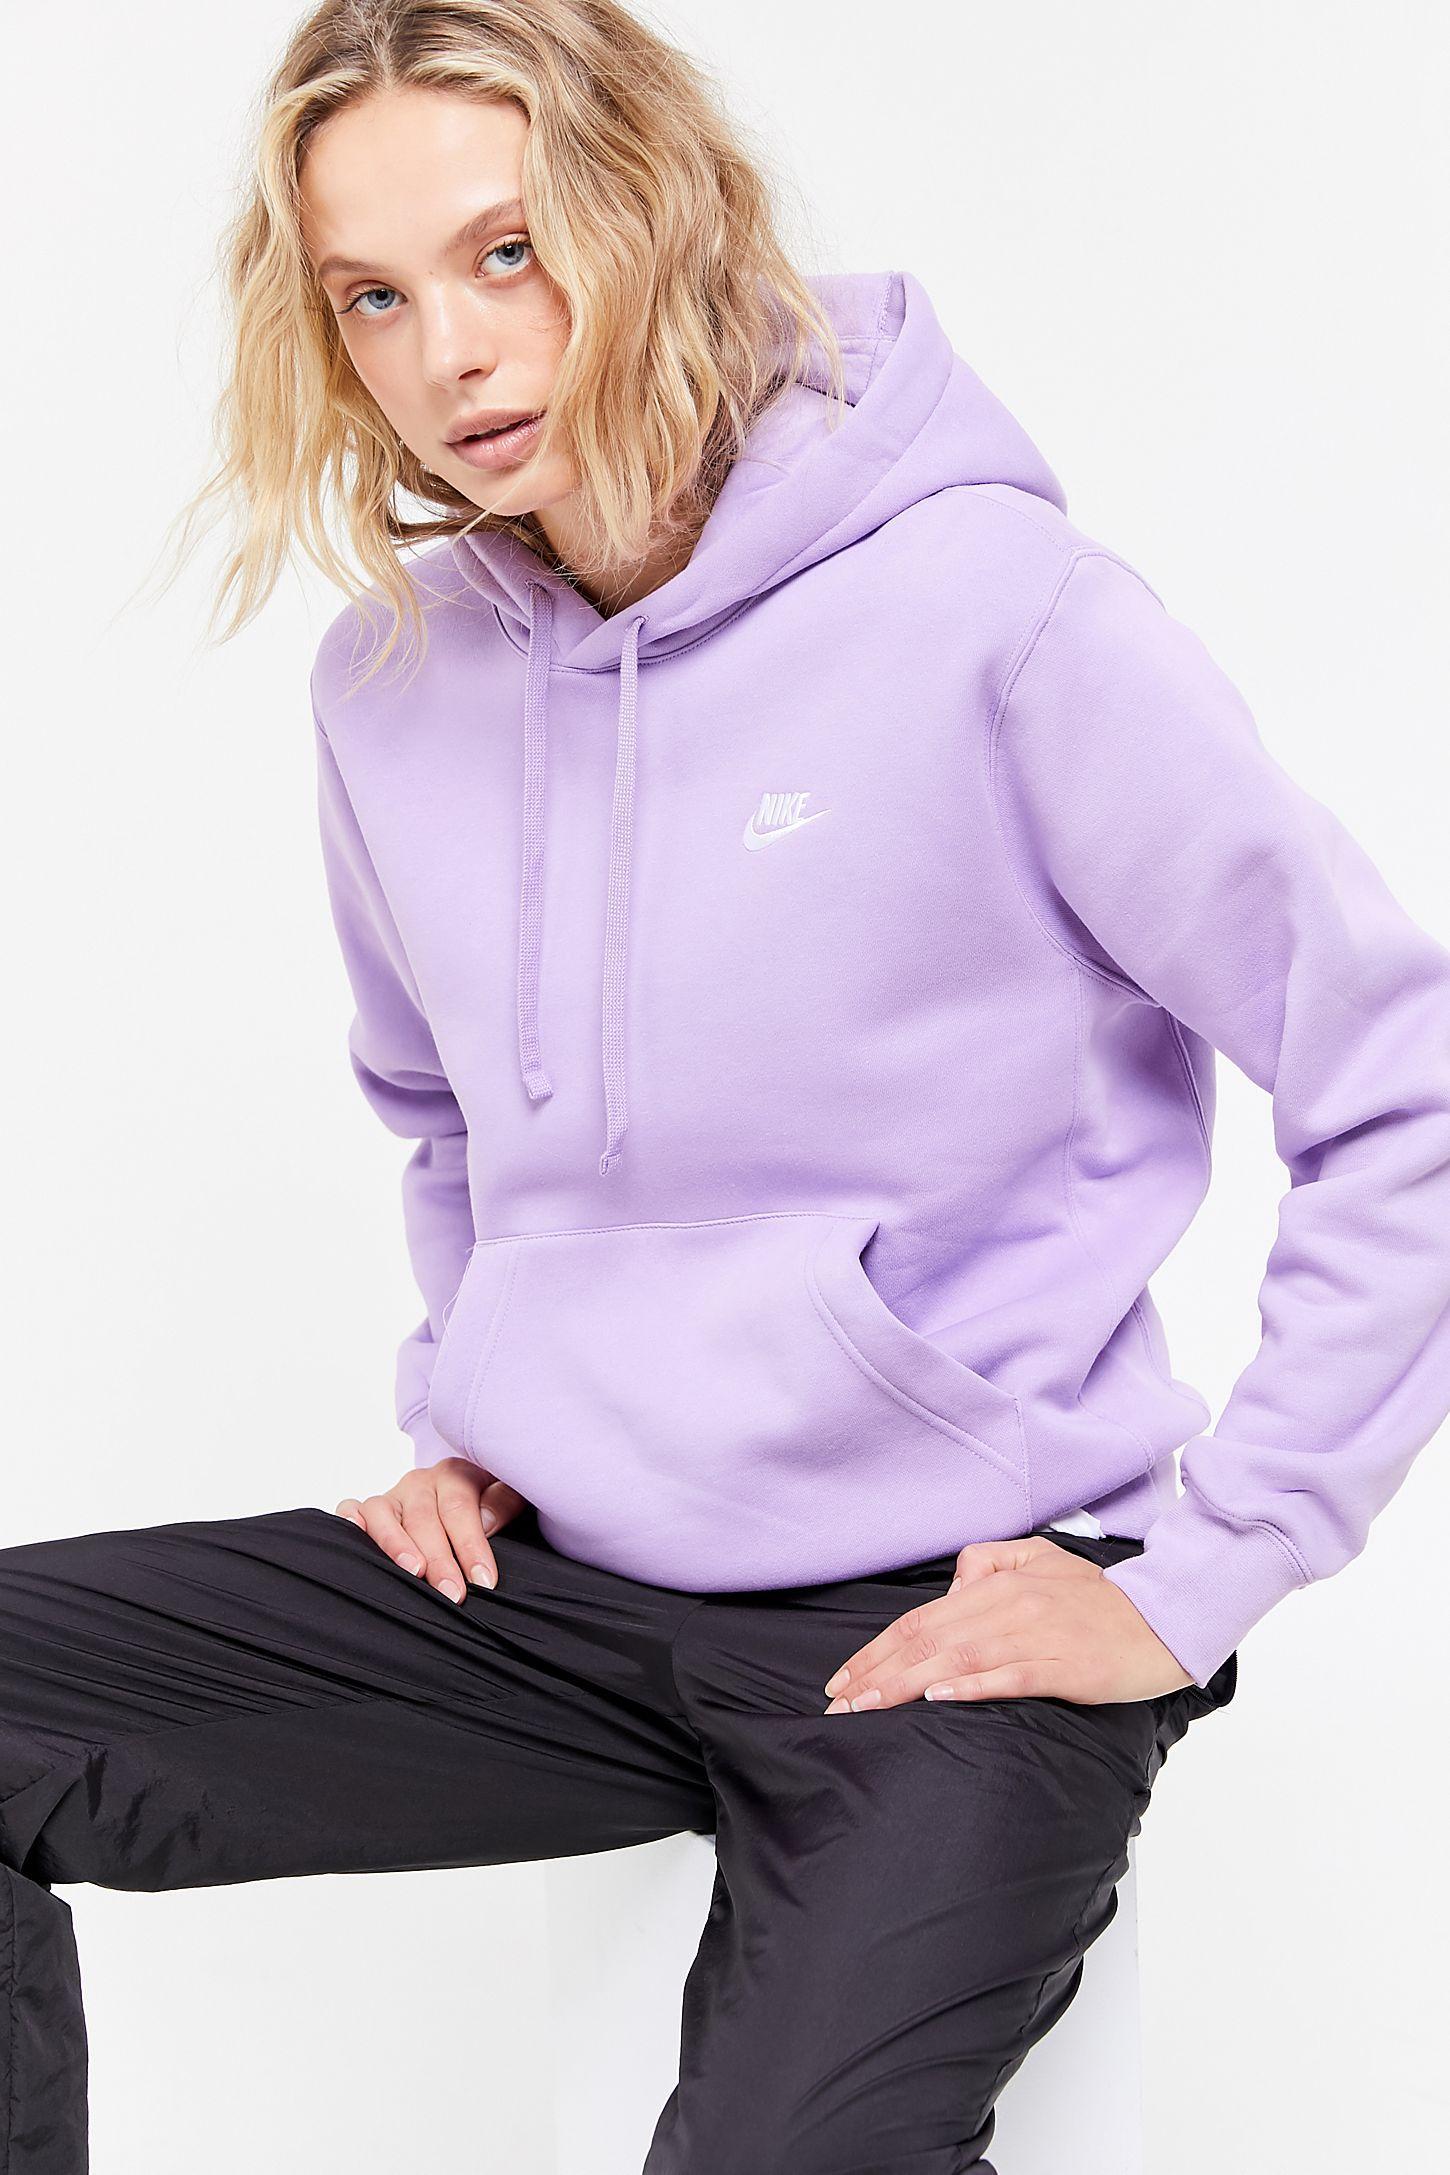 nike swoosh hoodie pastel